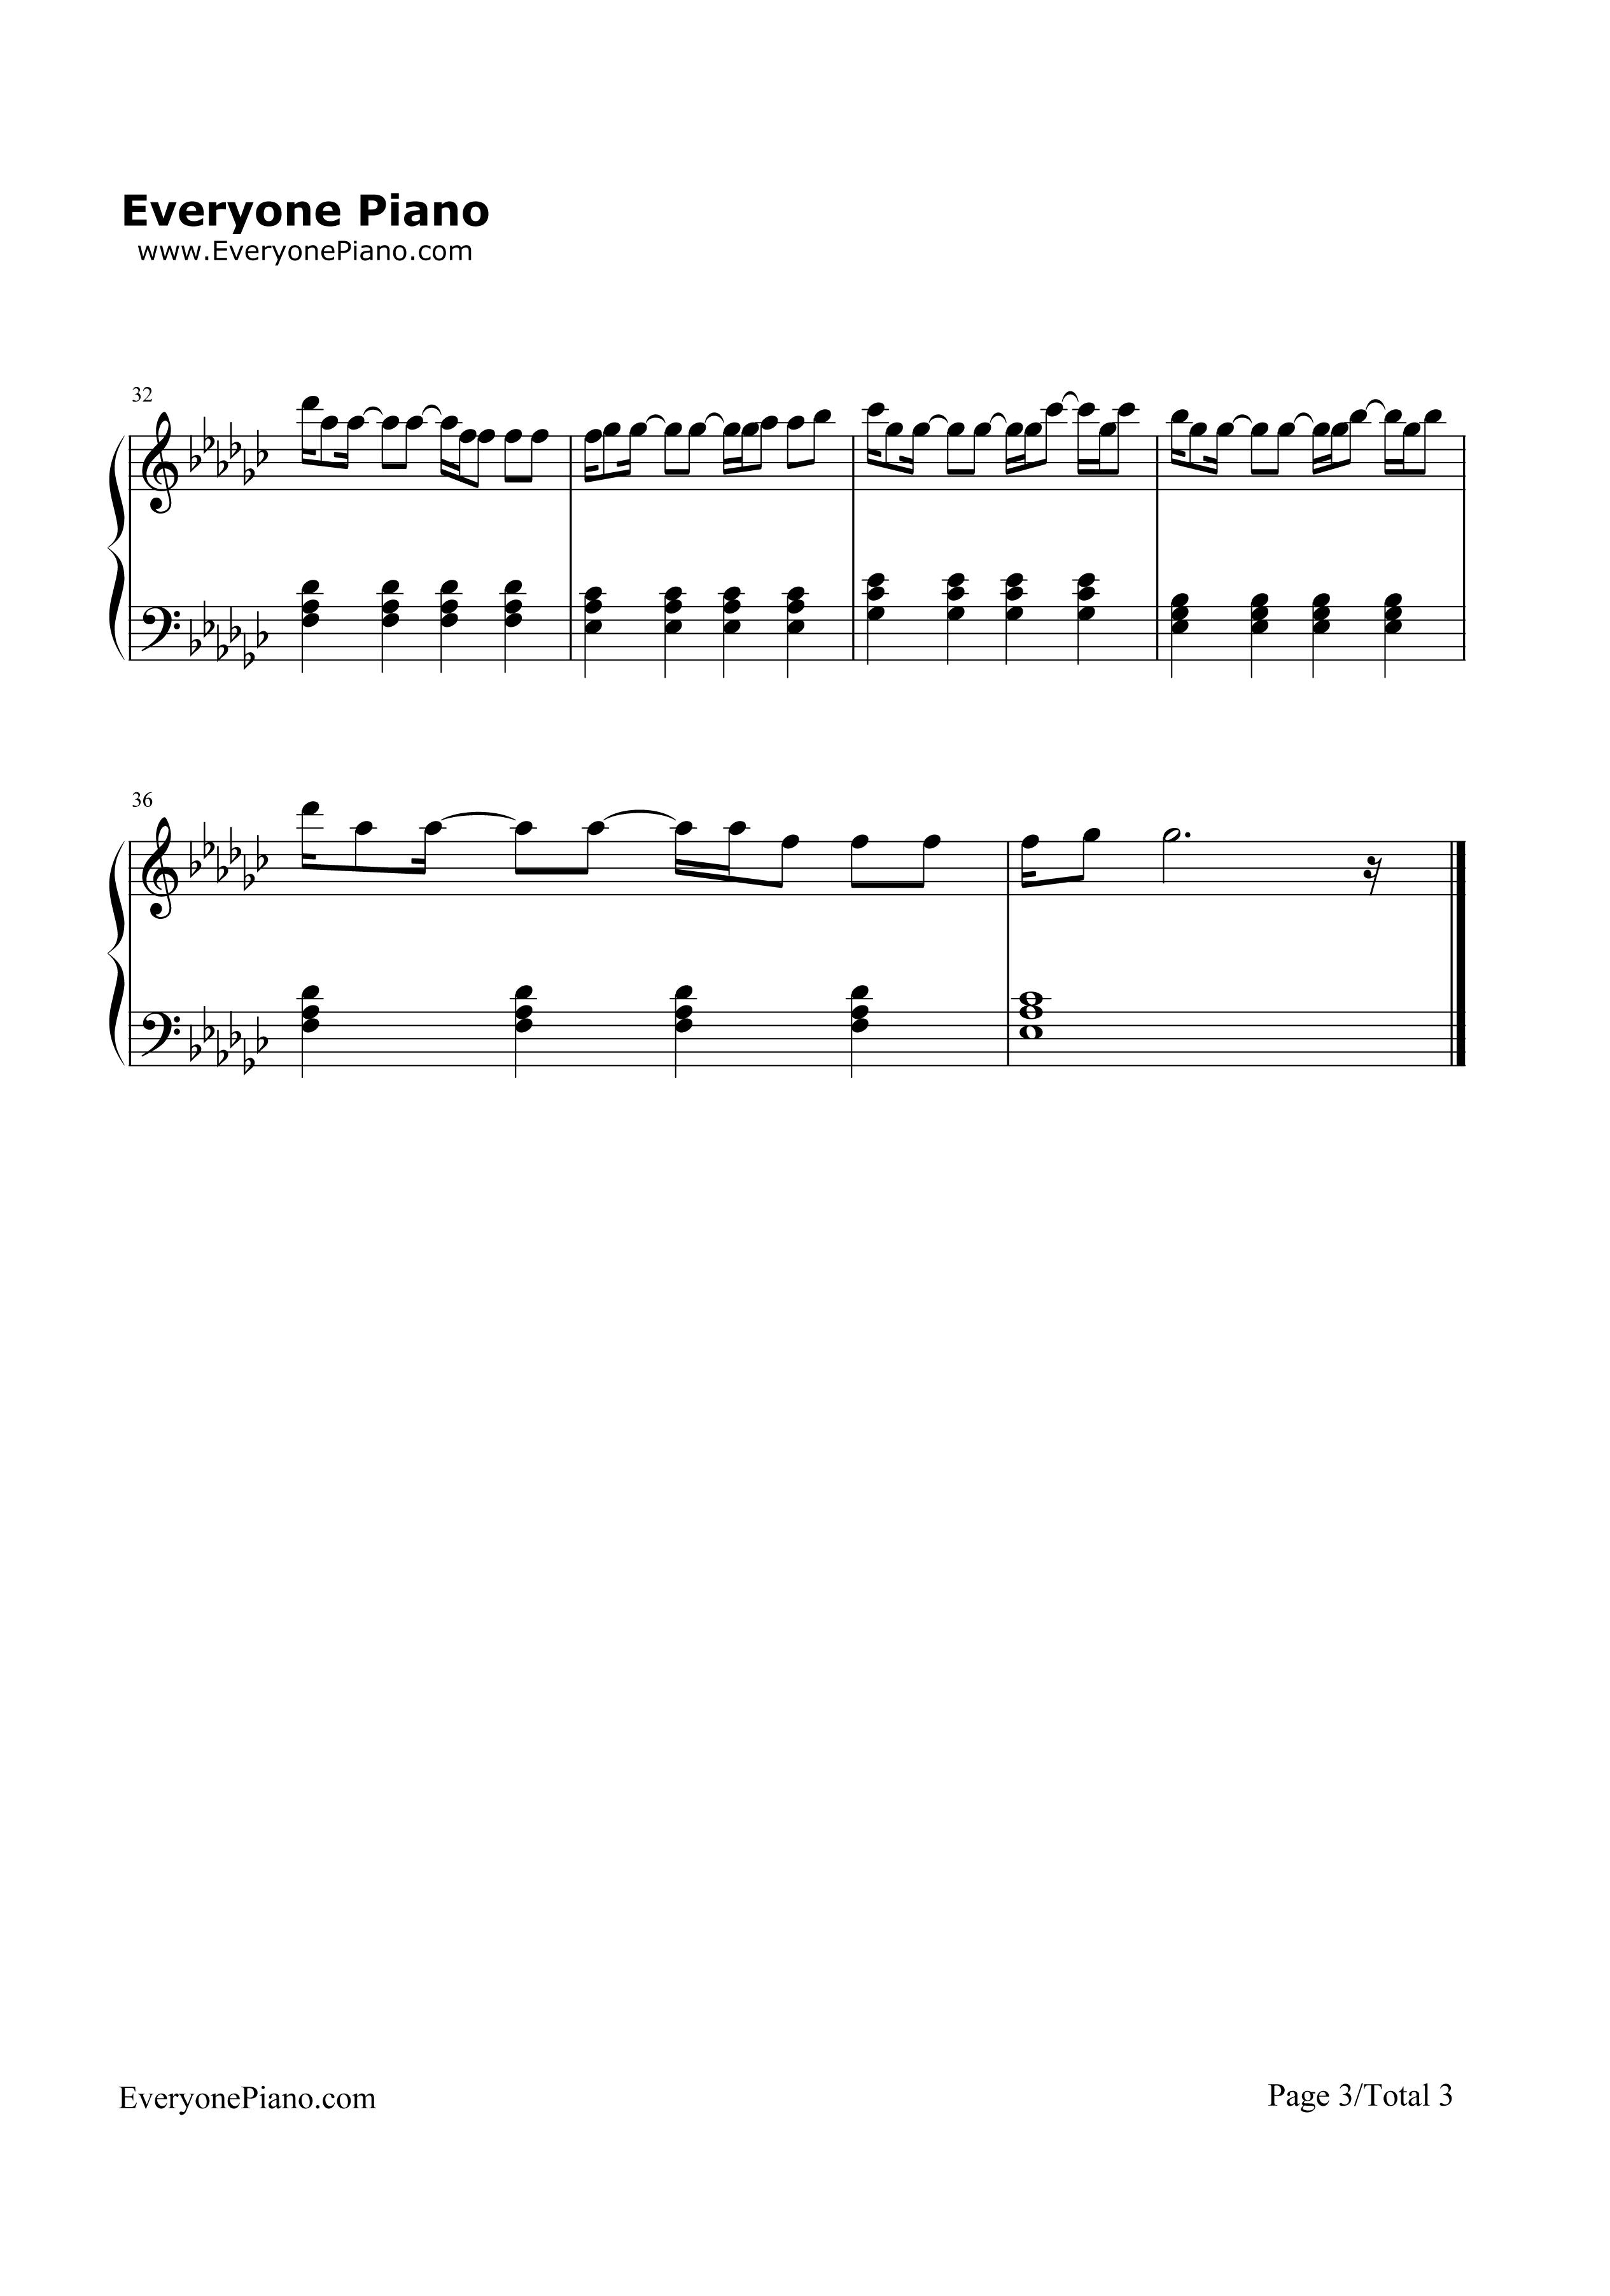 钢琴曲谱 流行 raging raging五线谱预览3  }  仅供学习交流使用!